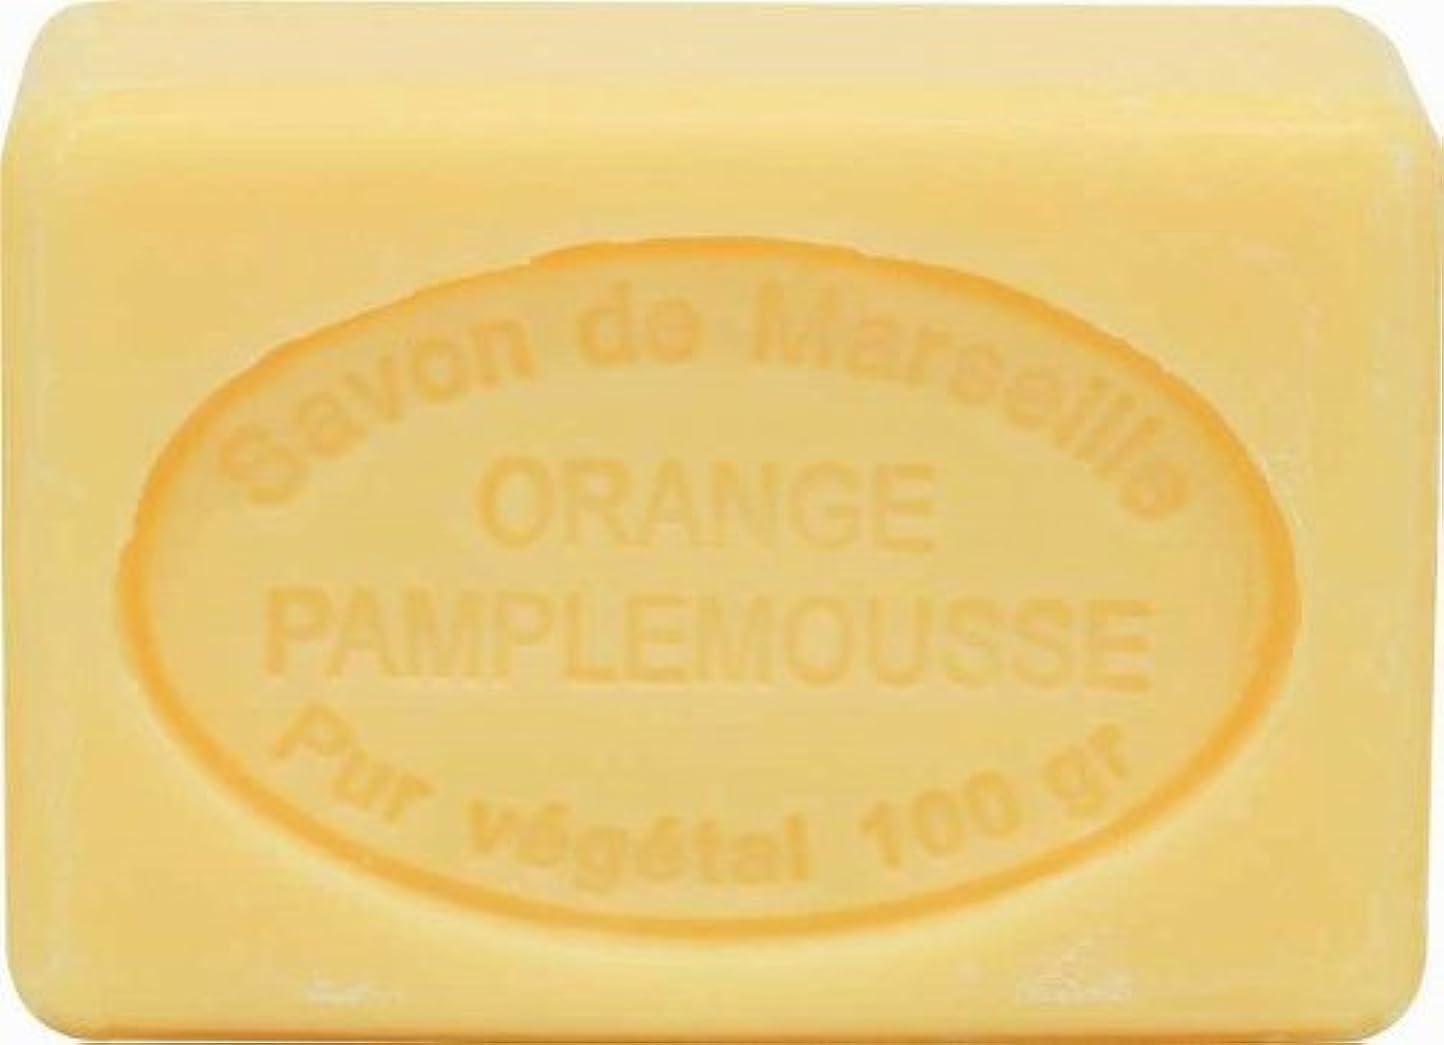 高揚したキャロライン以下ル?シャトゥラール ソープ 100g オレンジグレープフルーツ SAVON 100